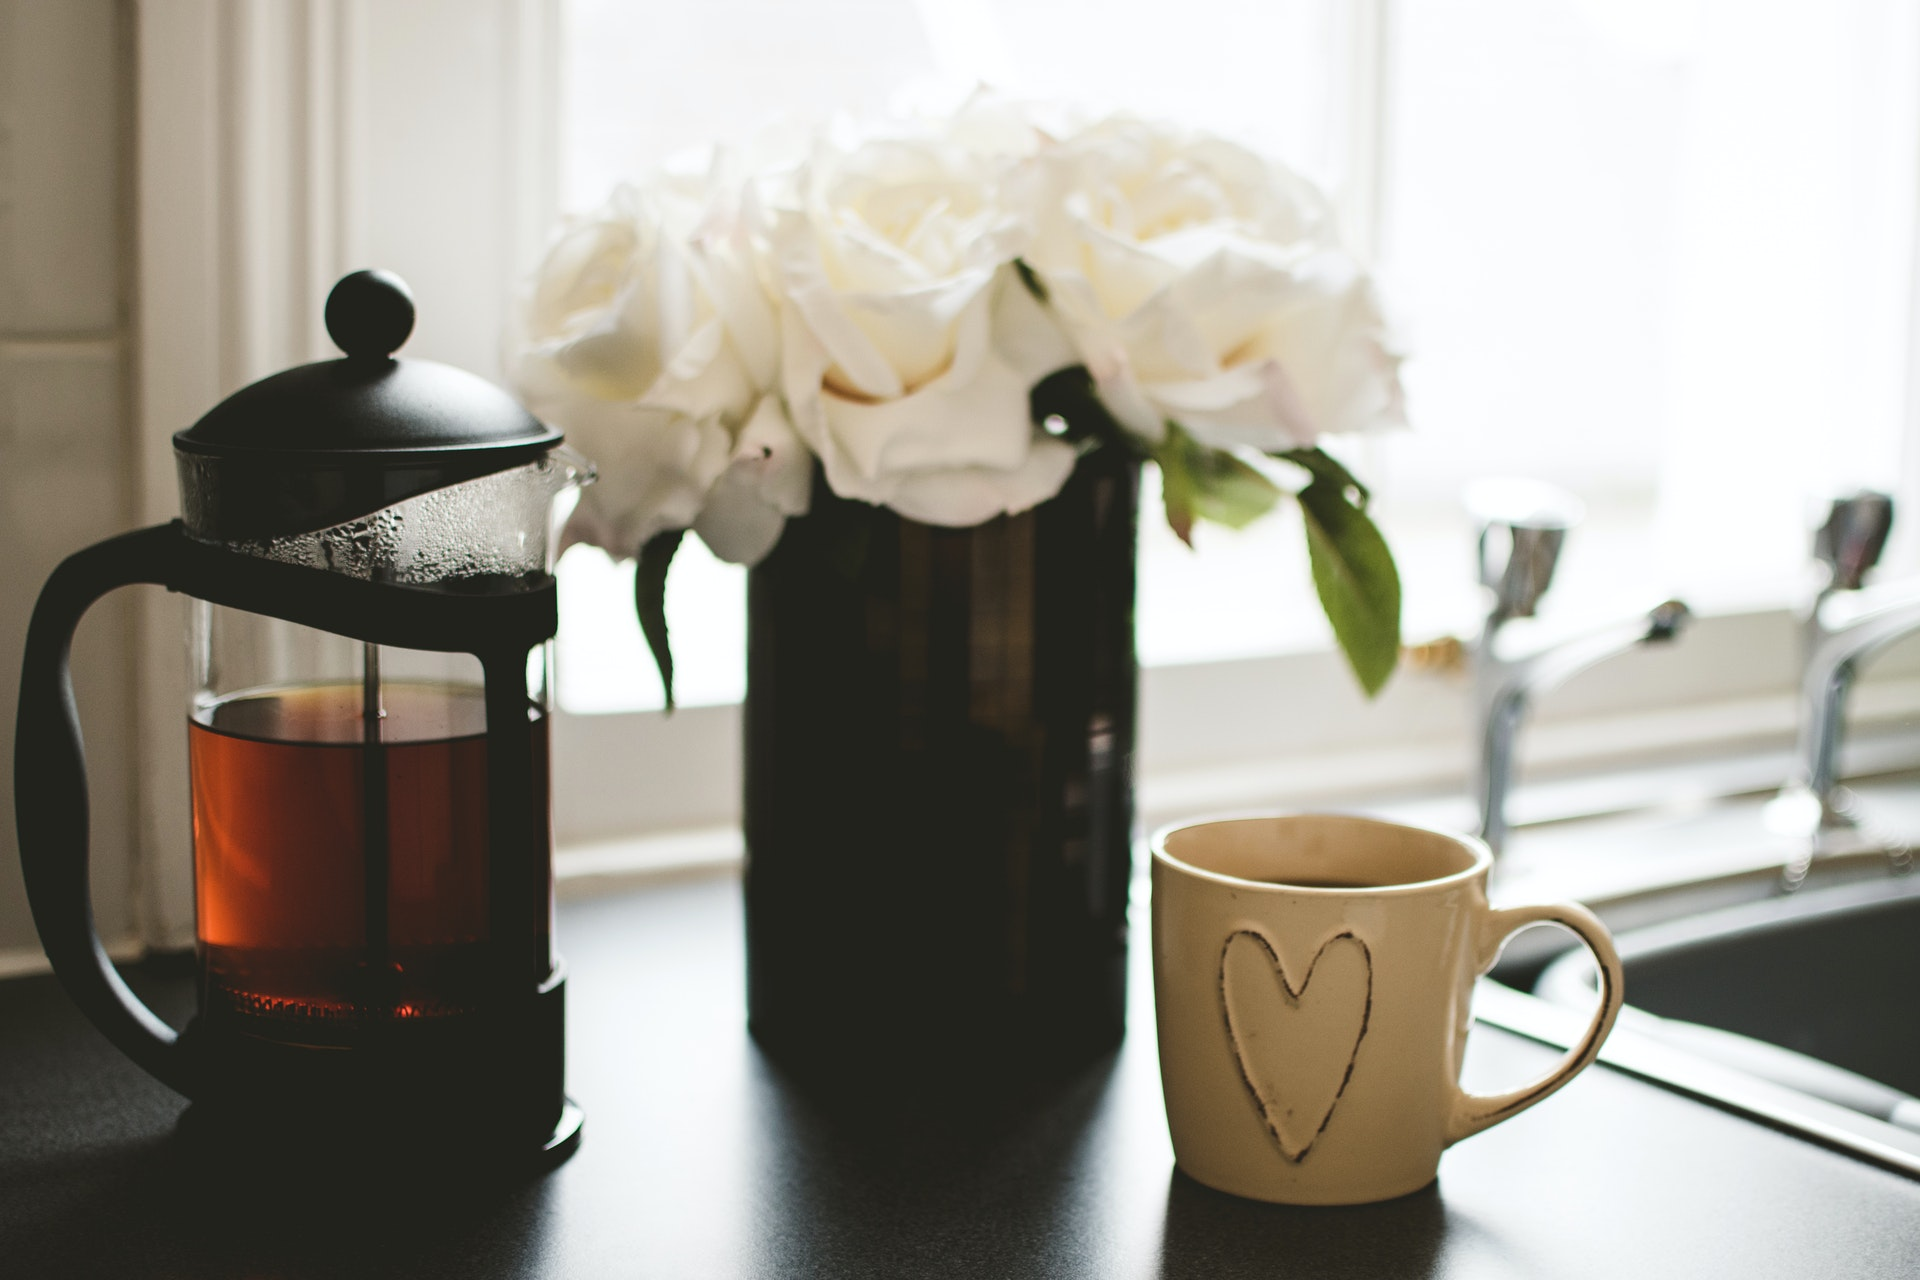 Врач-диетолог Степанян провела сравнение чая и кофе